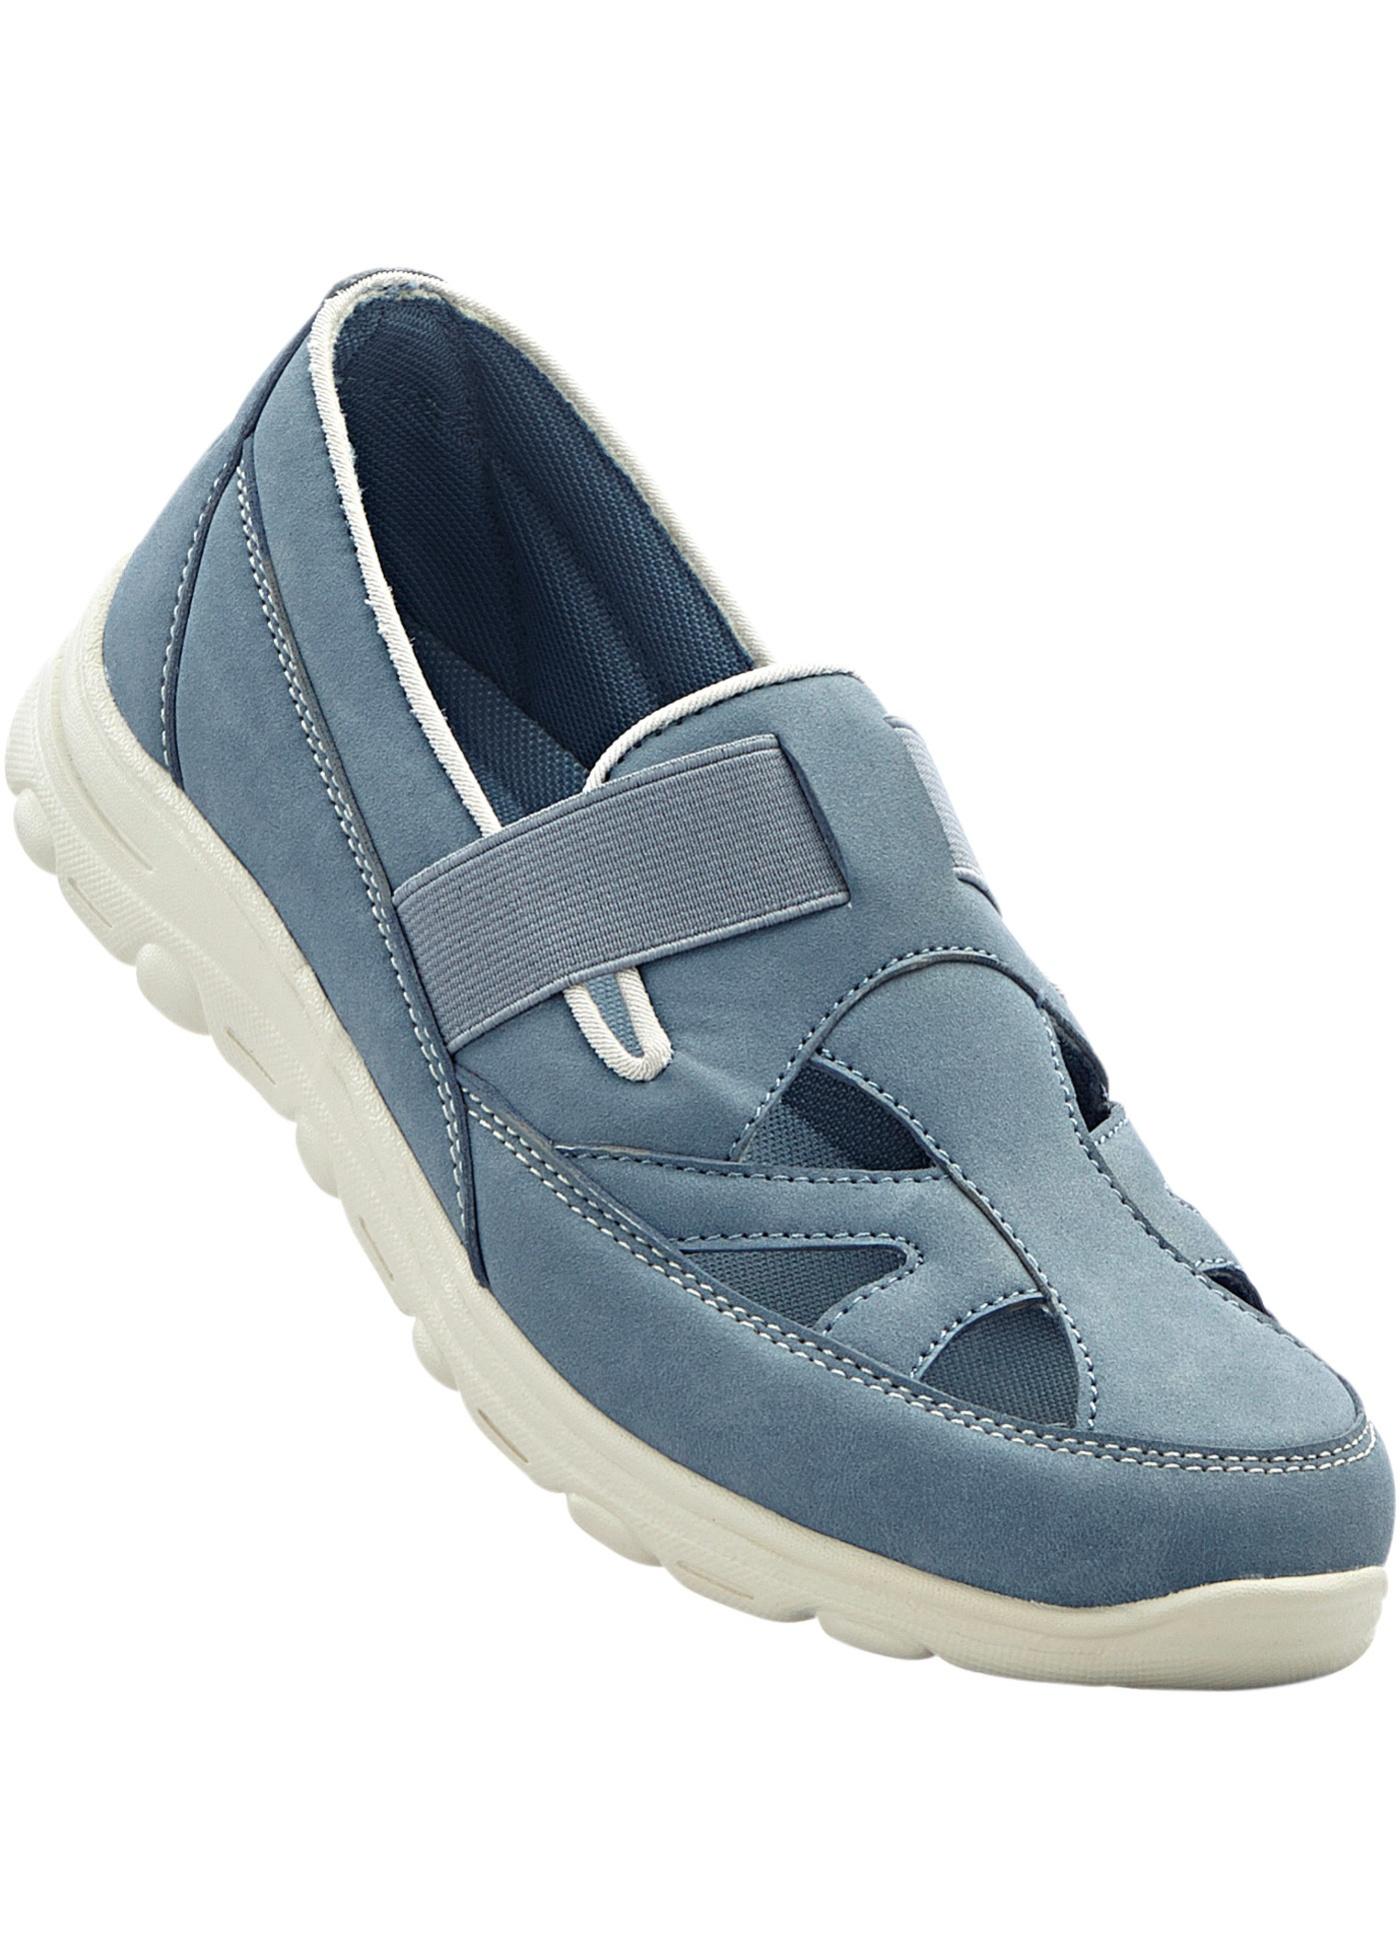 Chaussures sport de Kappa